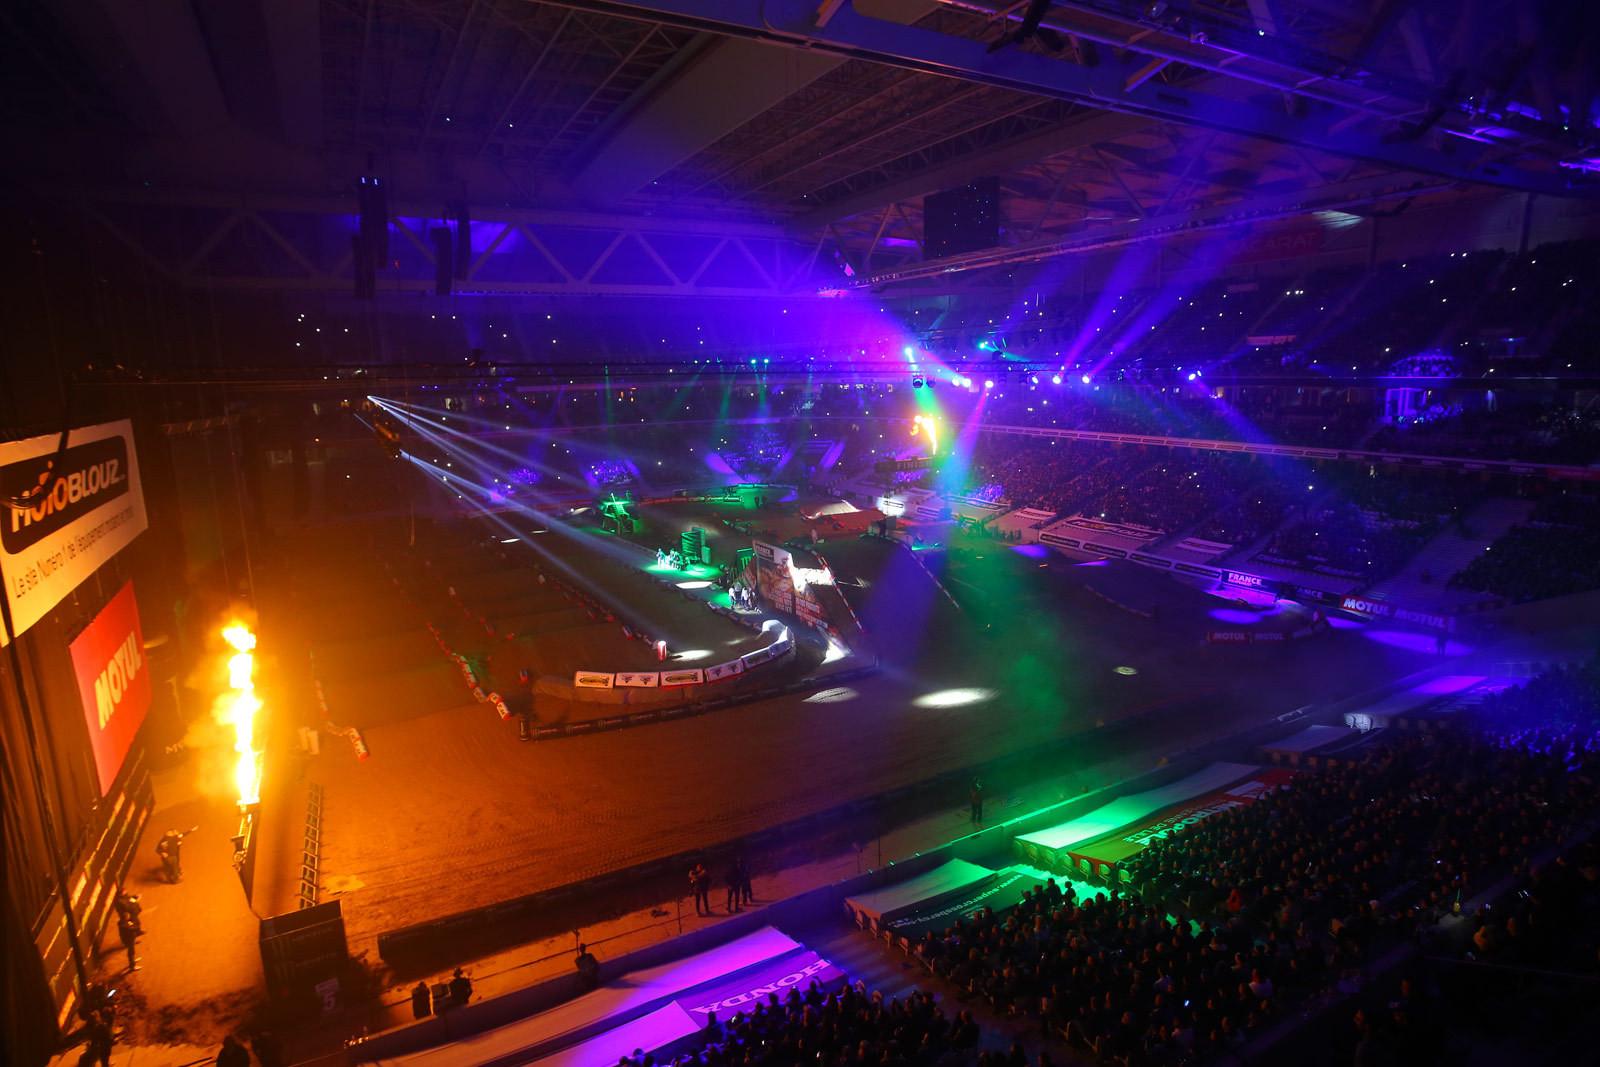 Supercross Paris-Lille - Photo Blast: Paris-Lille Supercross - Motocross Pictures - Vital MX